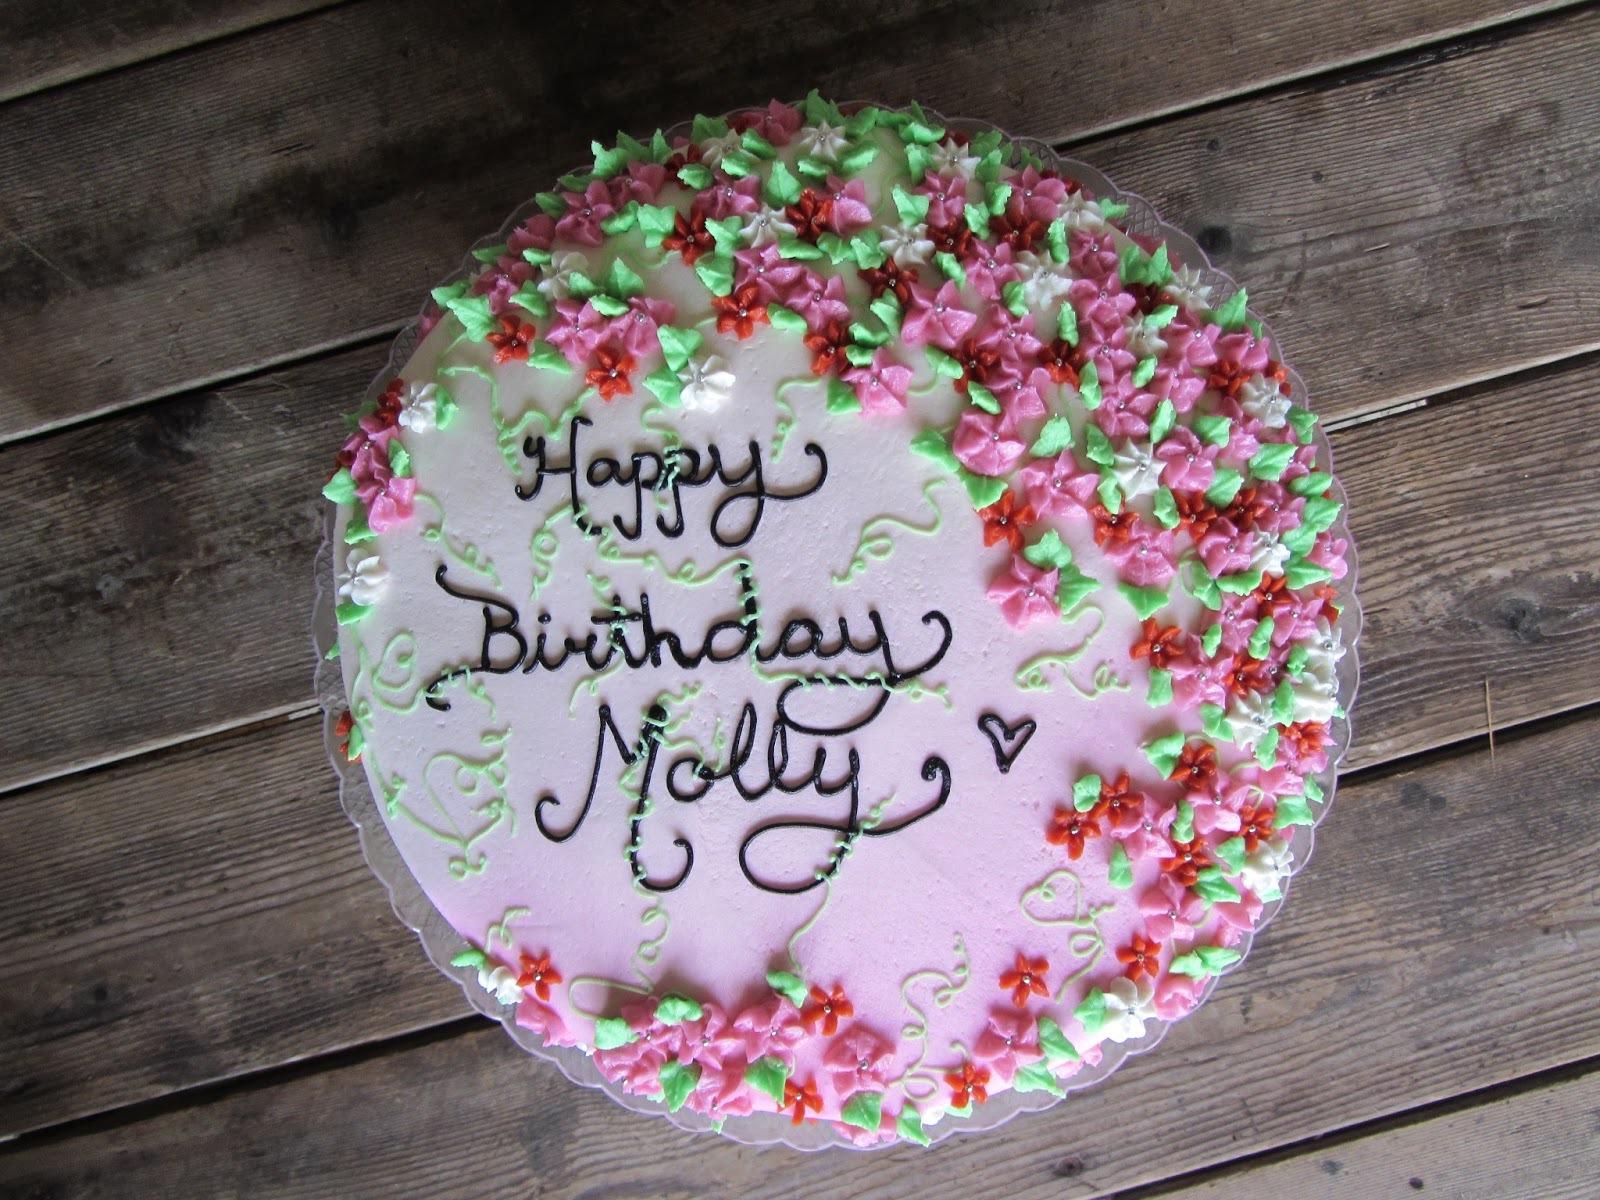 Мила с днем рождения картинки торт, свадьбой